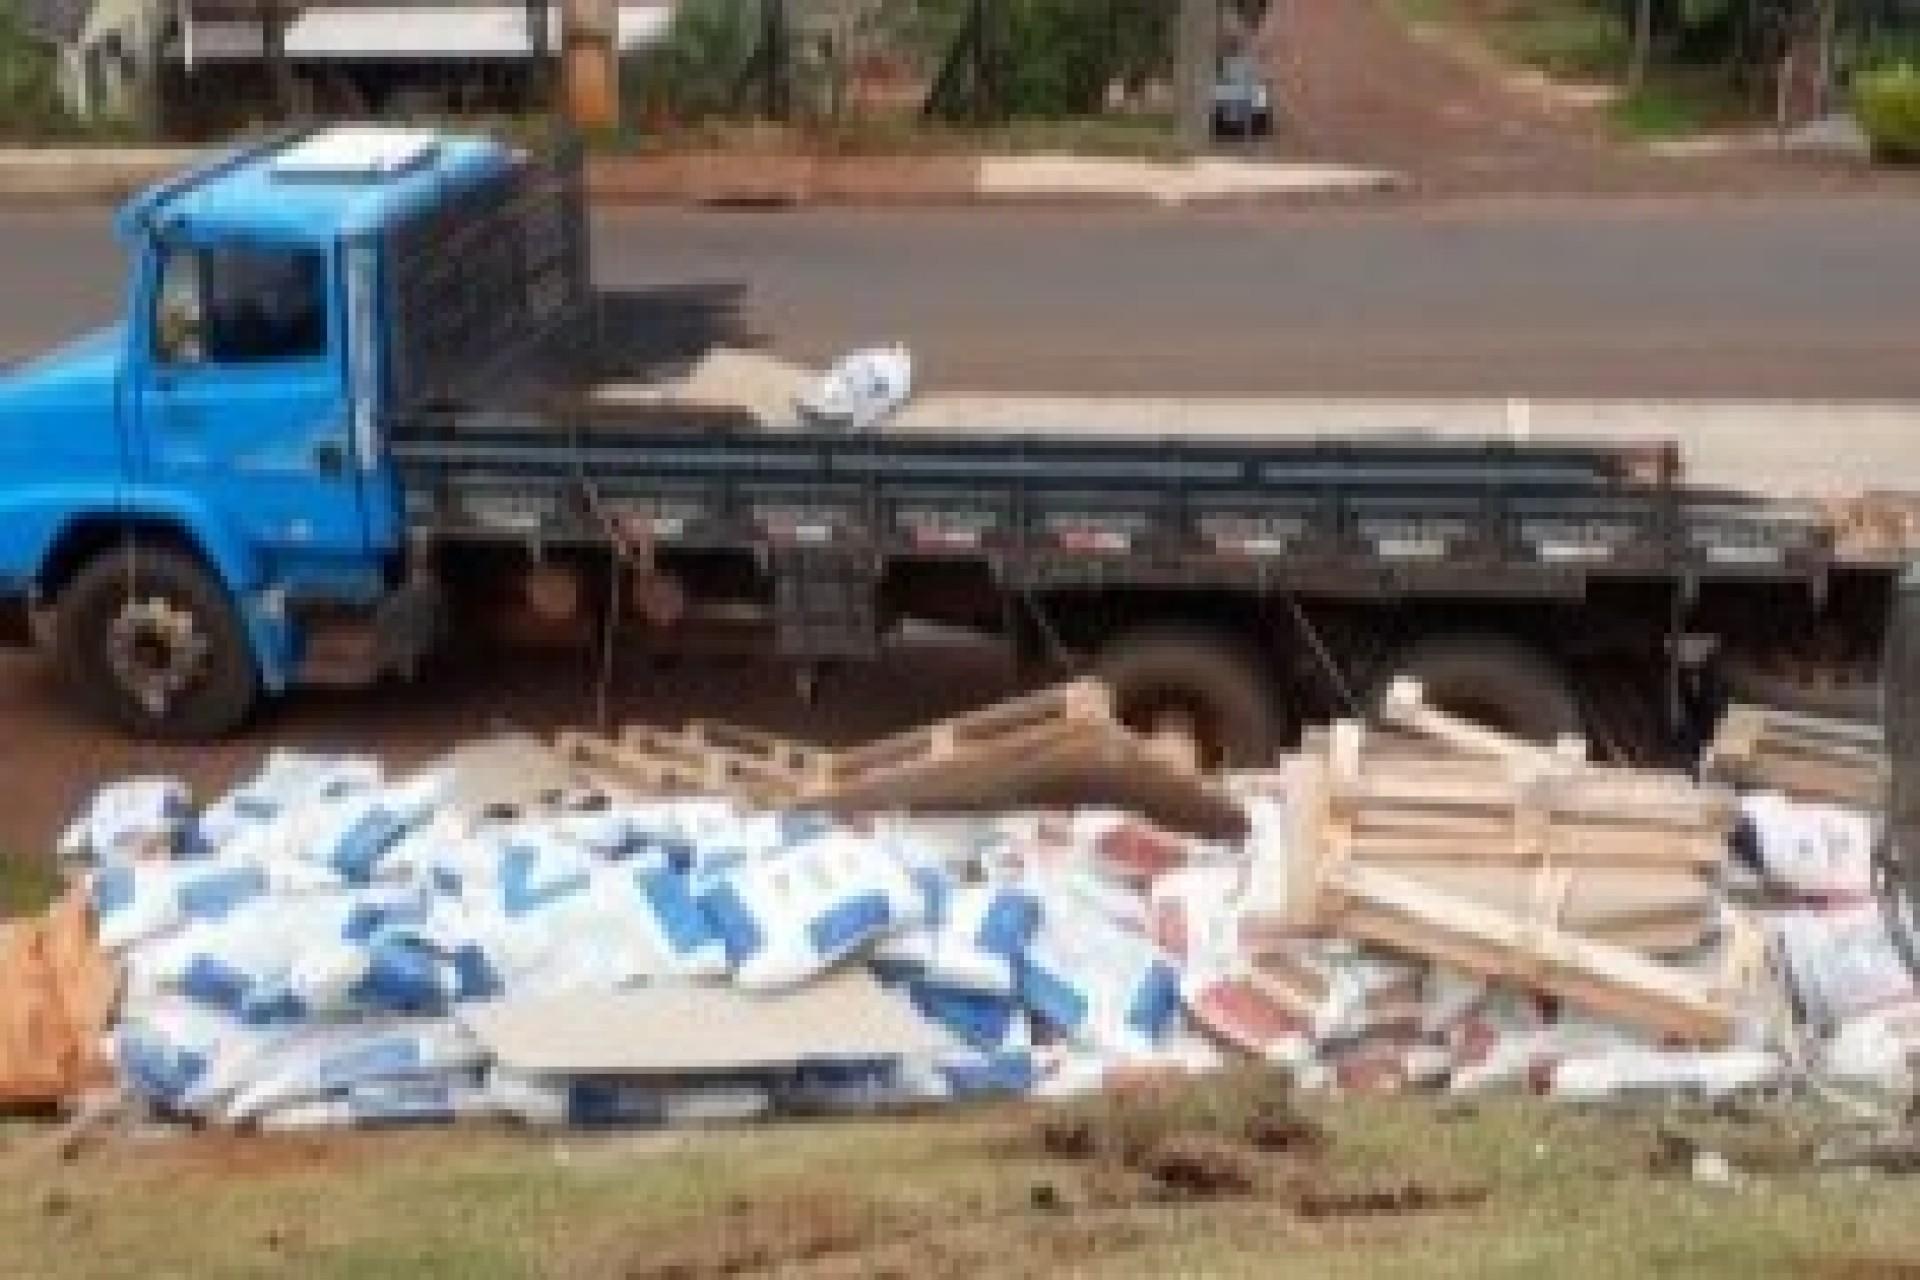 Medianeira: Caminhão desgovernado derruba poste e desce barranco no Bairro Condá